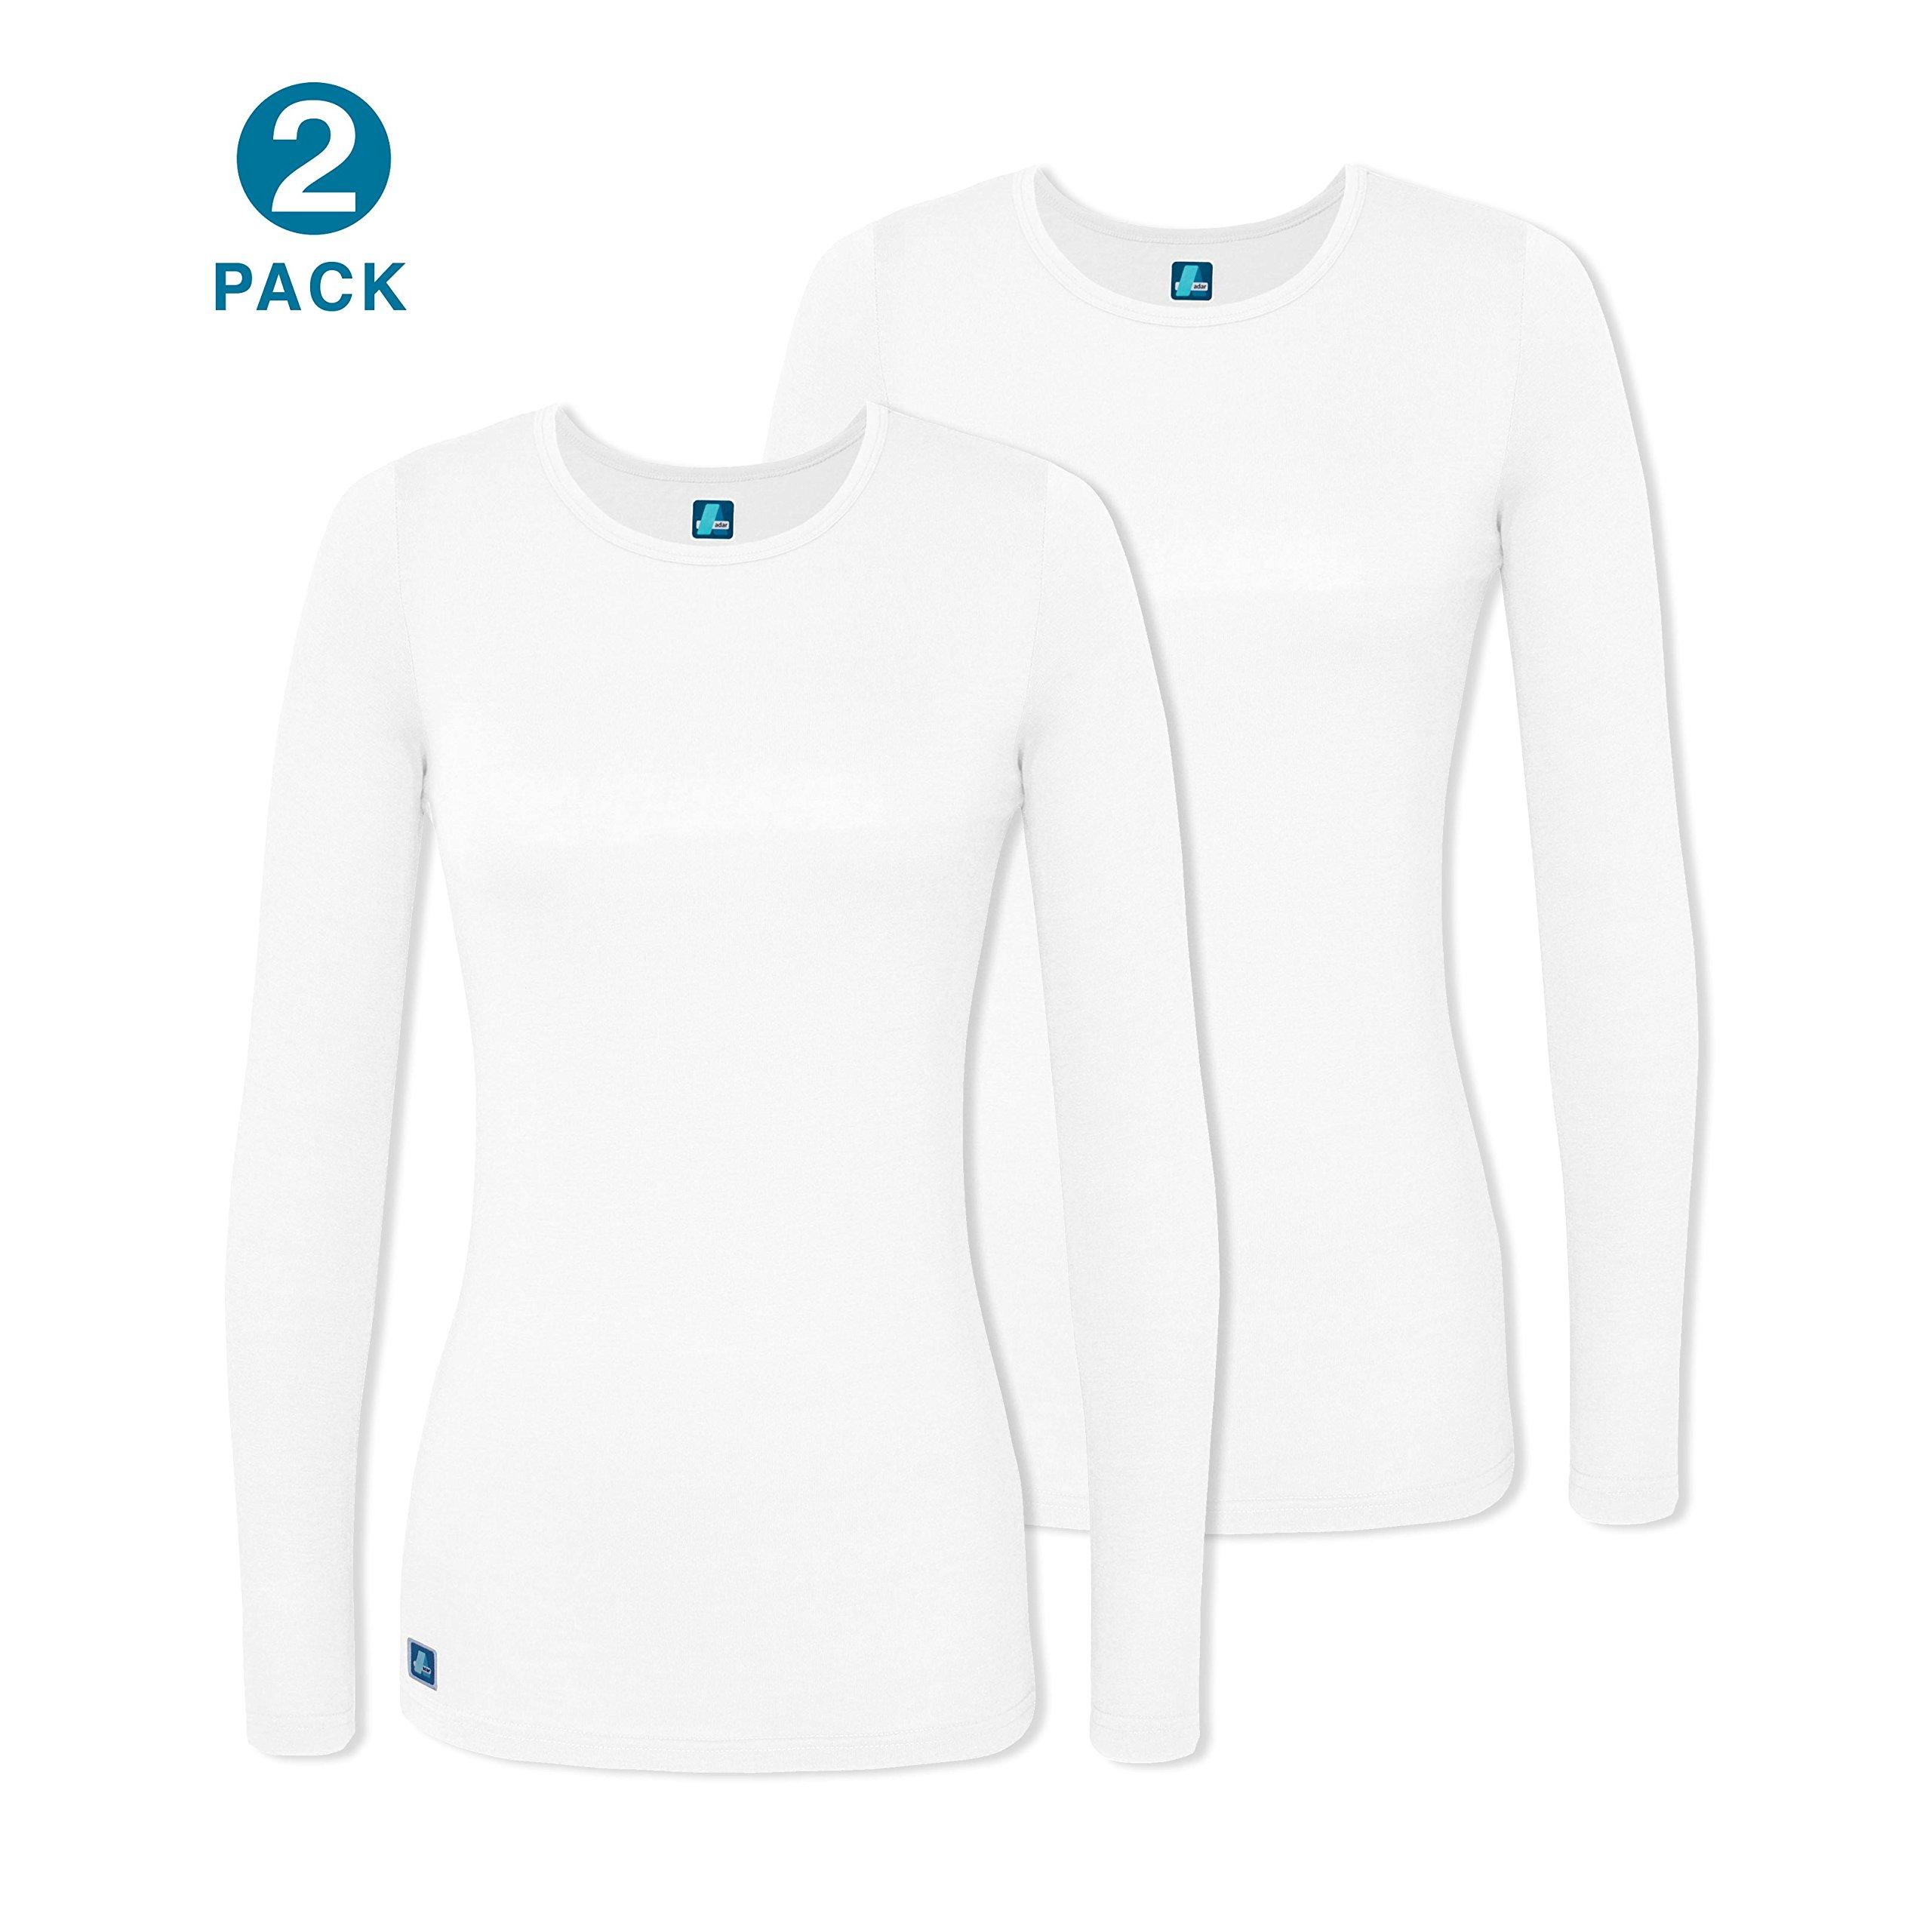 Adar 2 Pack Women's Comfort Long Sleeve T-Shirt/Underscrub Tee - 2902 - Wht - 3X